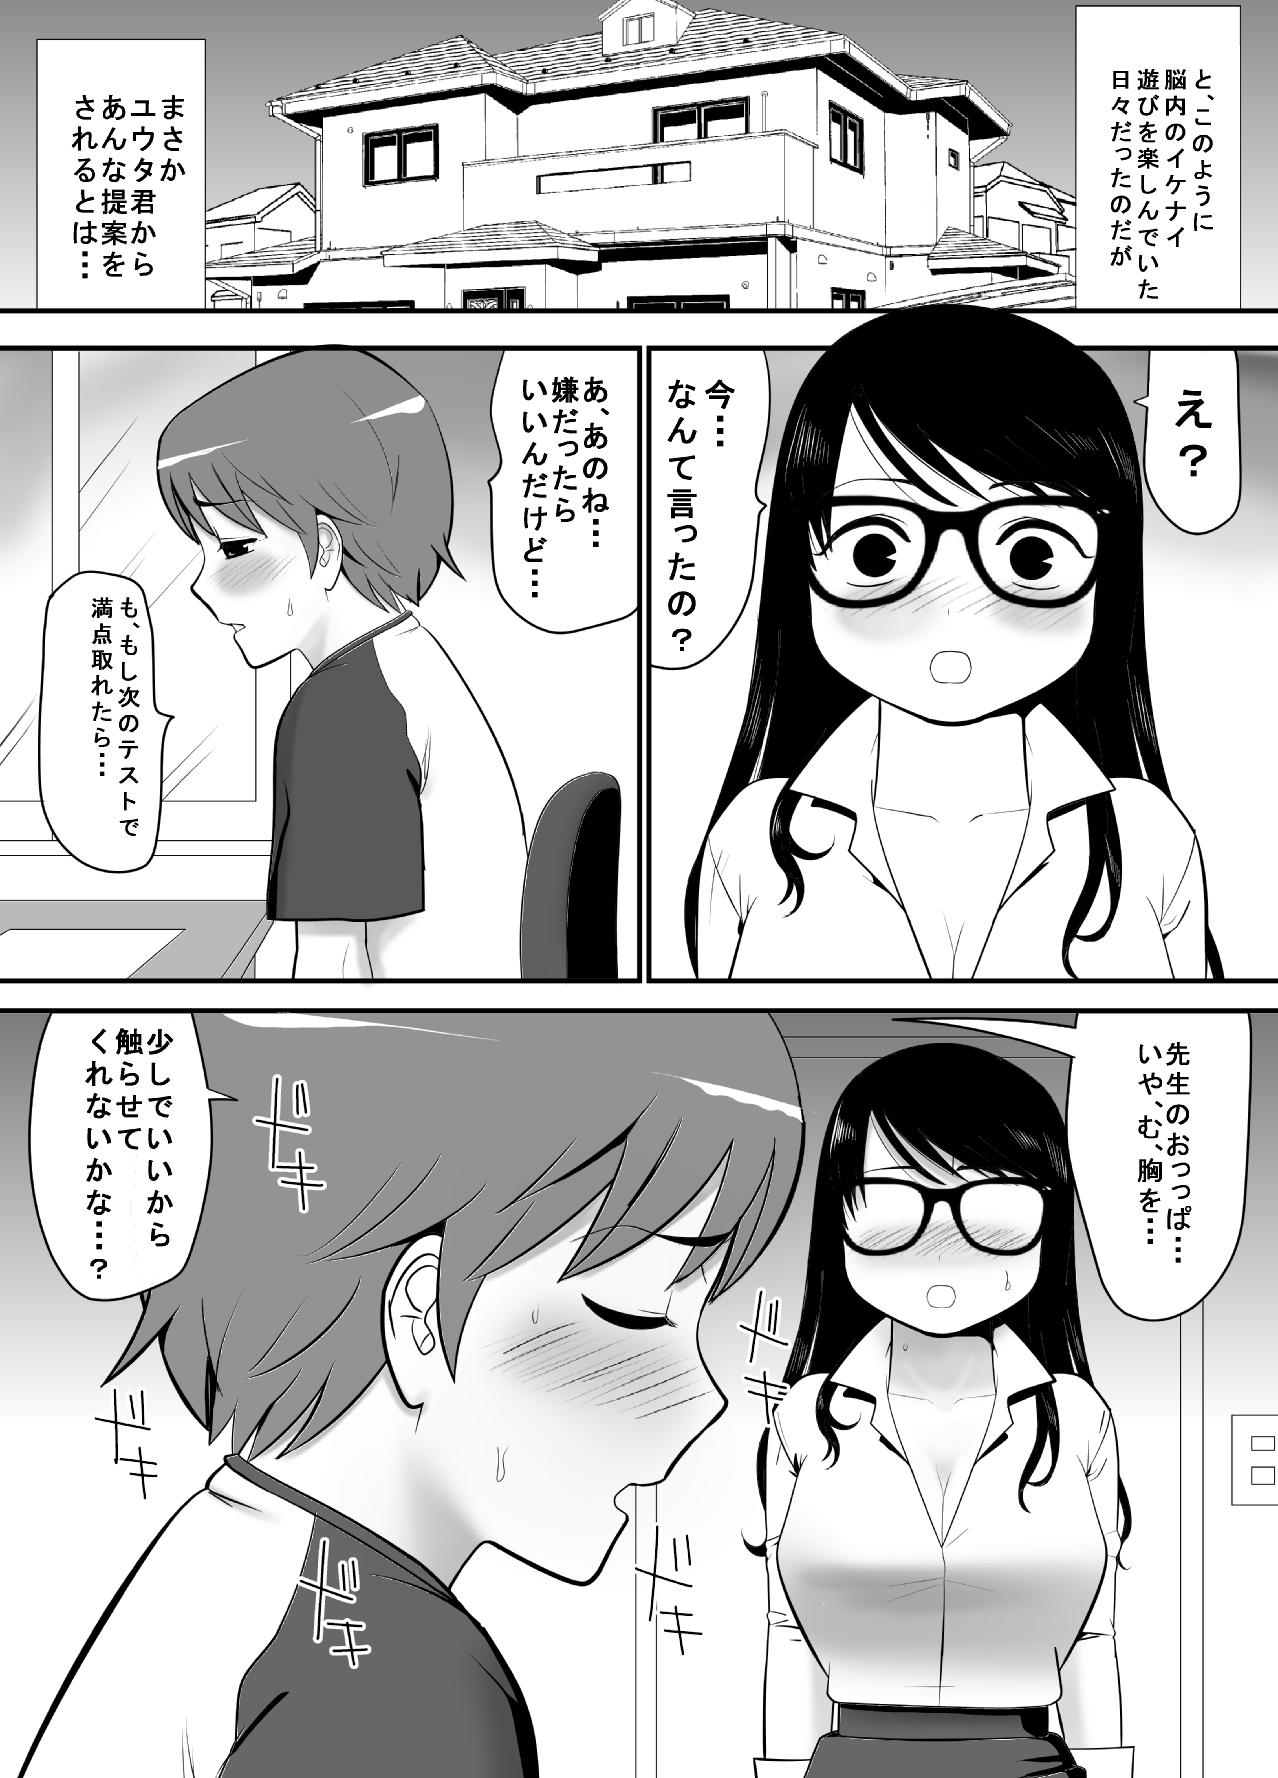 Keiken wa Nai kedo Chishiki dake Houfu na Mousou Fujoshi ga Gachi Kairaku ni Ochiru made 15